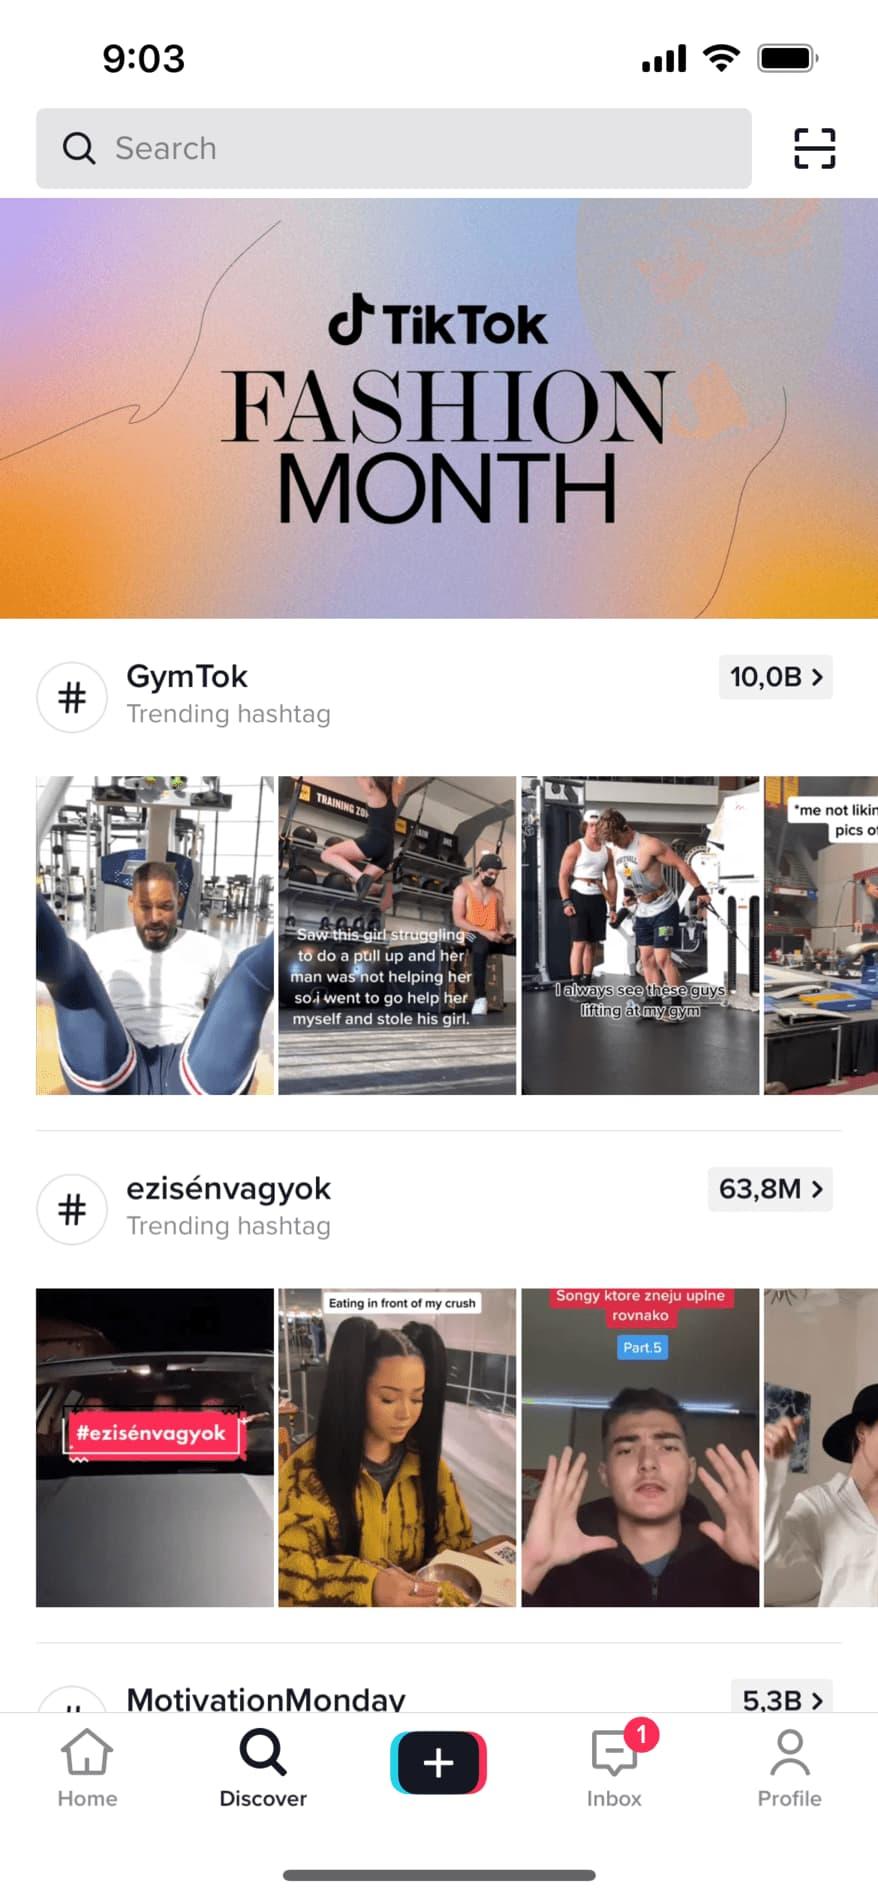 TikTok a jeho vyhledávání je jako většina možností okopírované od Instagramu, takže při používání této aplikace nebudete překvapeni.